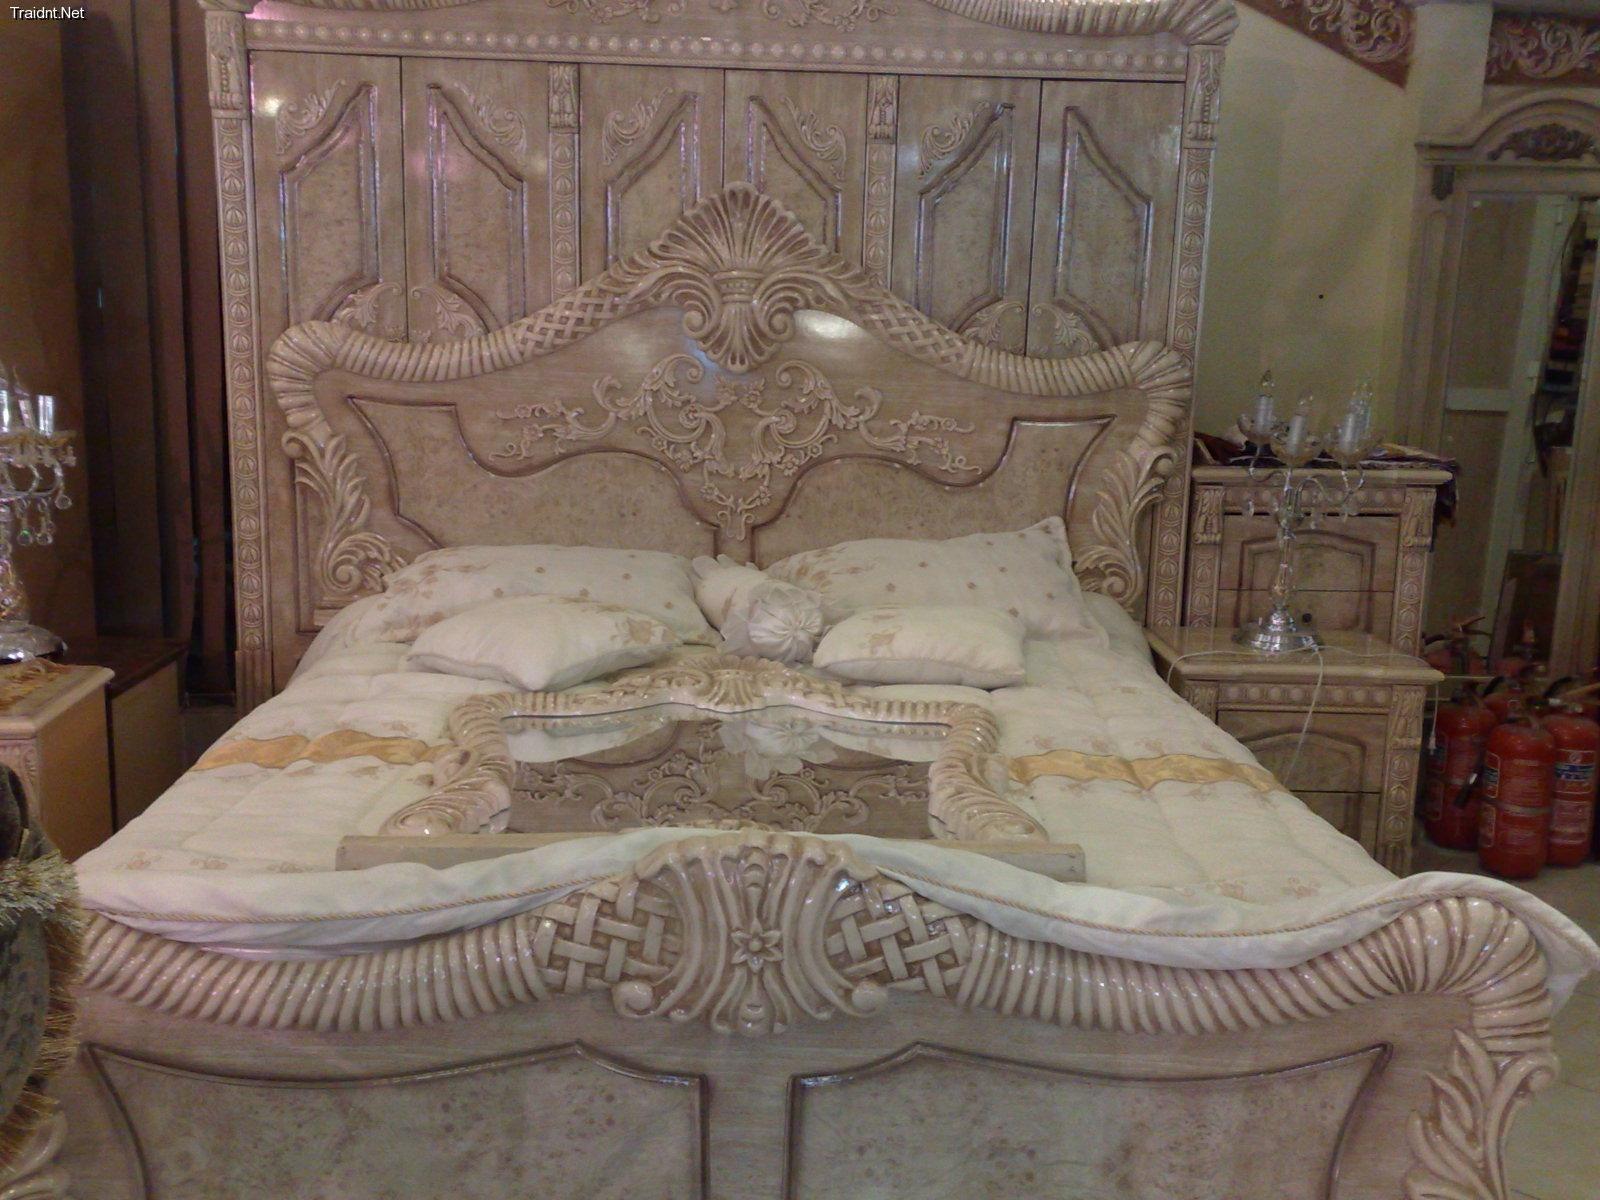 غرف نوم للعرسان في الجزائر المنزل و التصميم الداخلي أفكار Furniture Decor Home